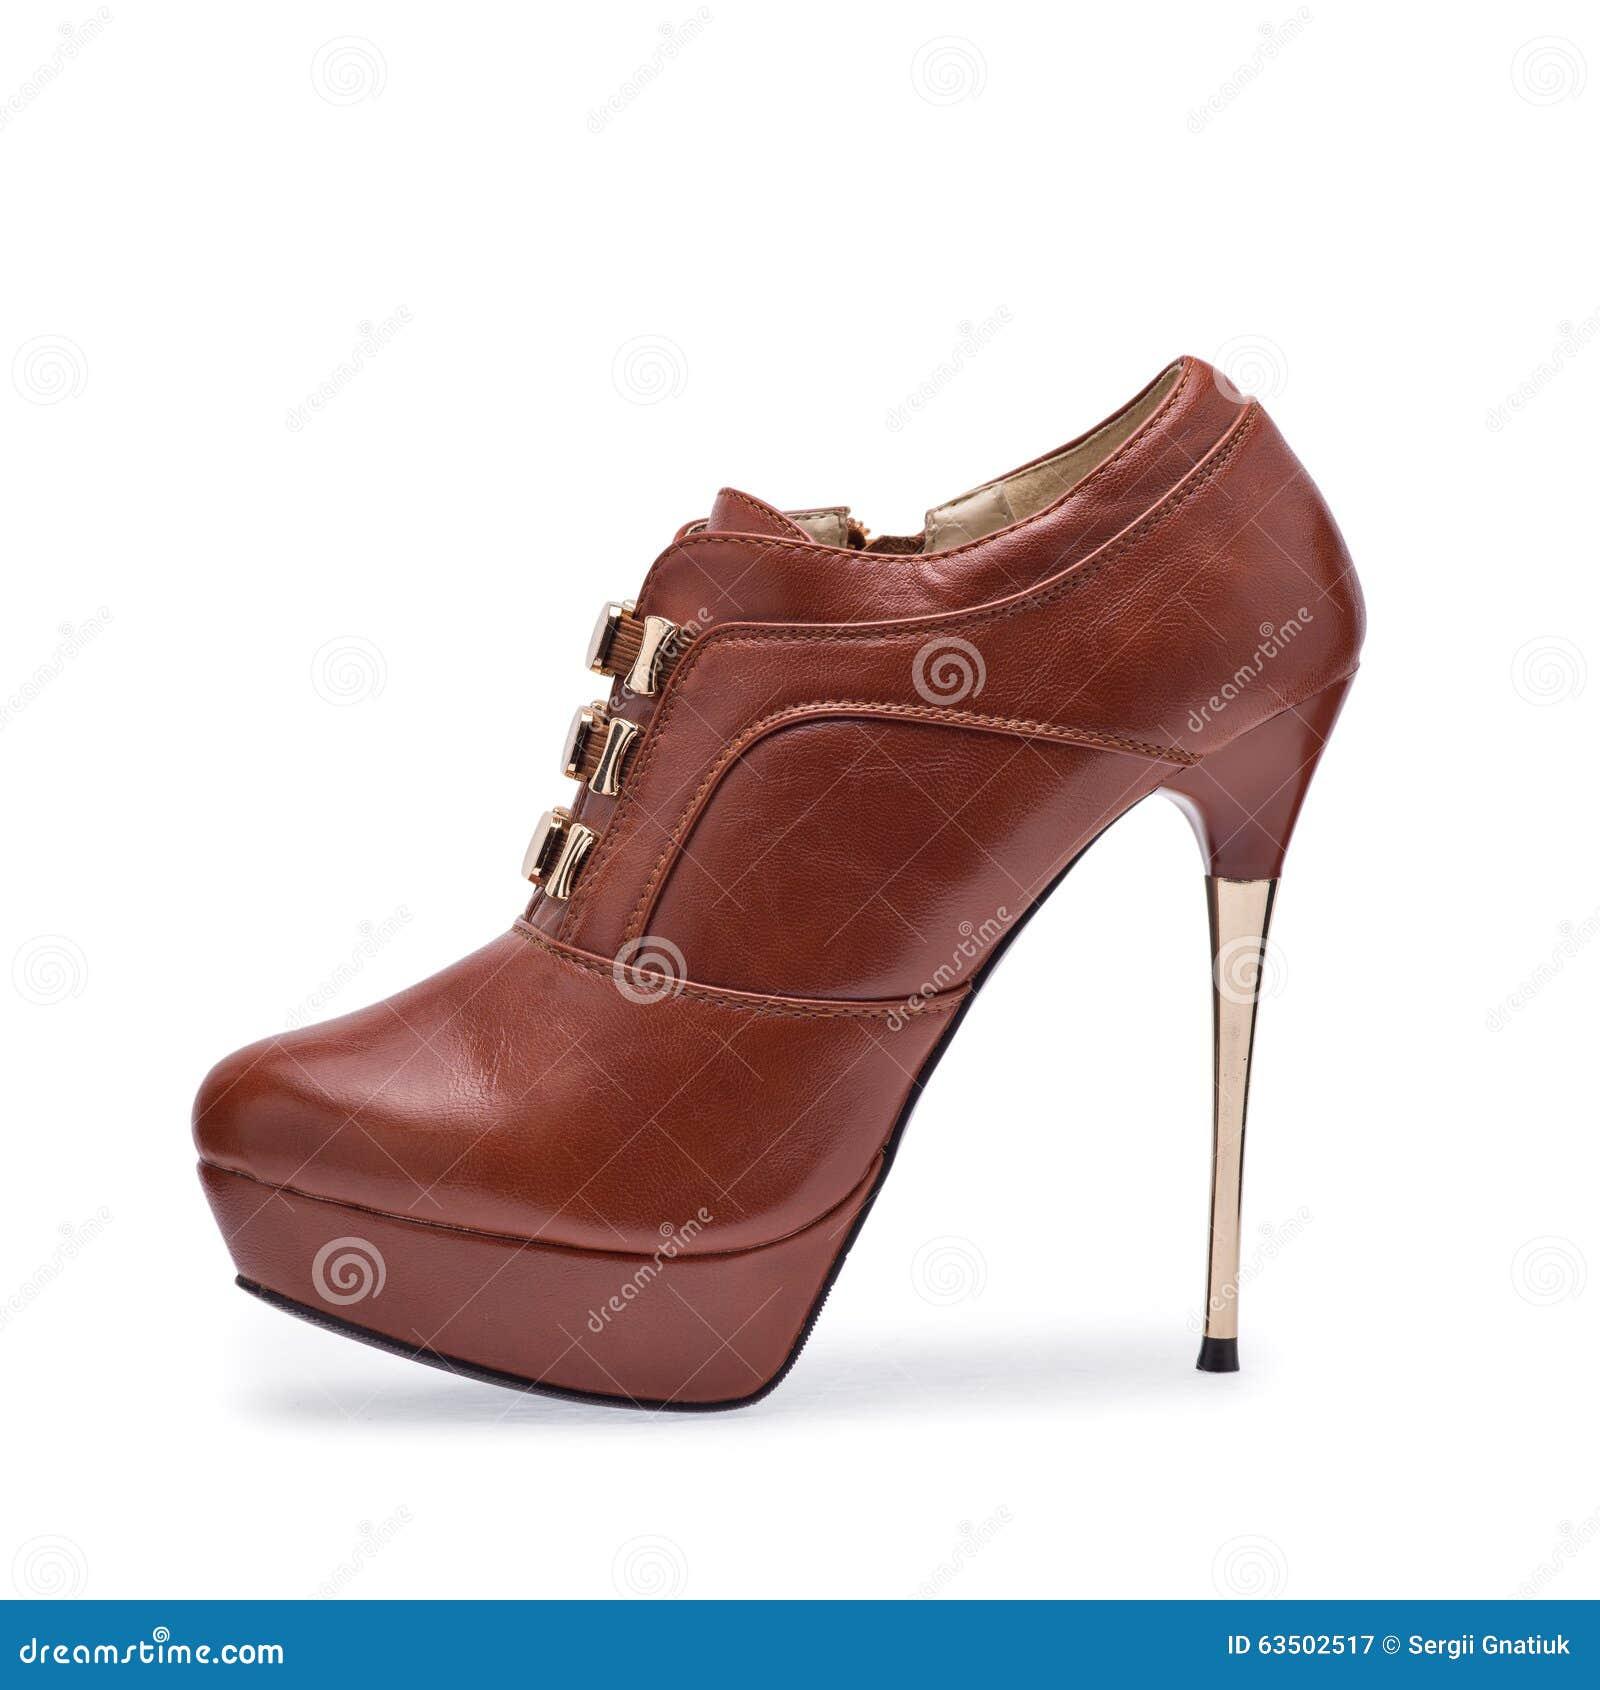 Um de estiletes marrons das sapatas das mulheres com uma correia decorativa